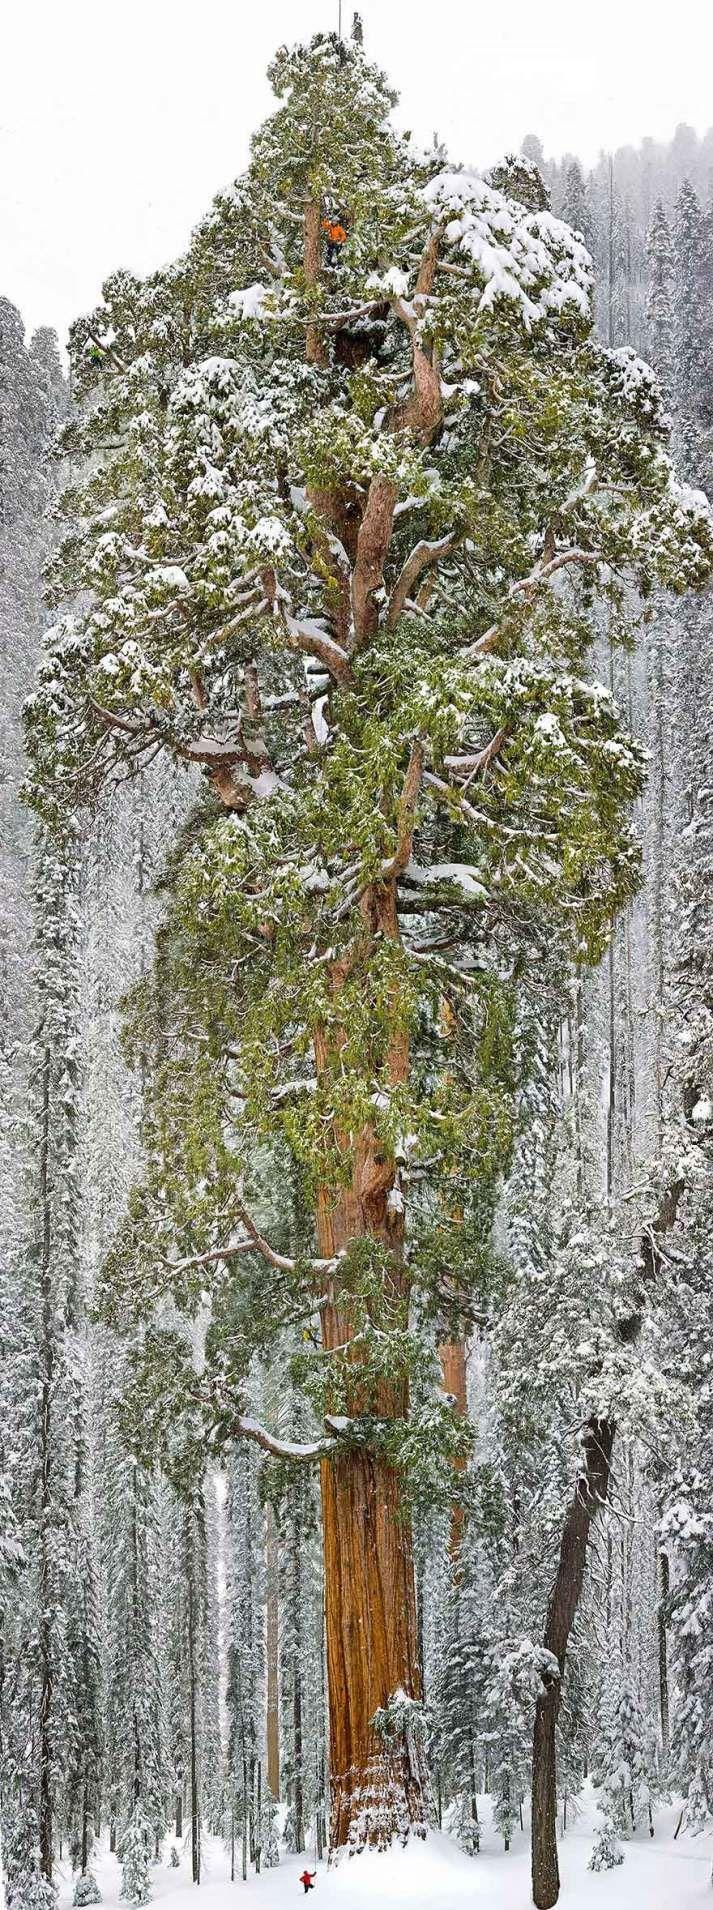 El gigante, Sequoia National Park, California - Parques Nacionales de EE.UU.